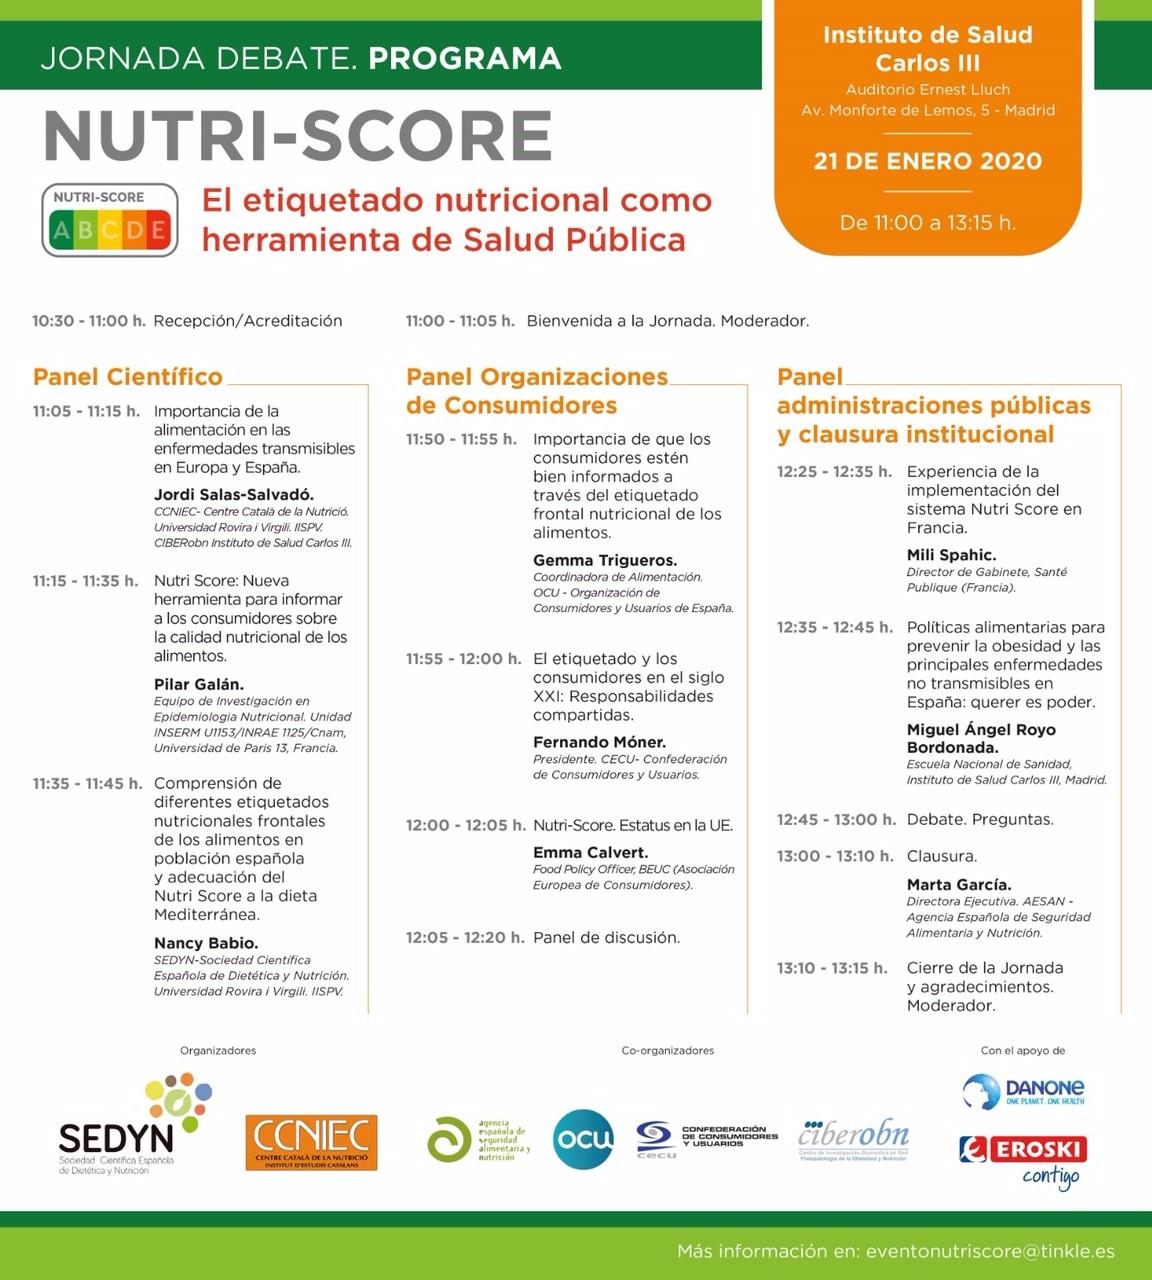 Programa «Nutri-score: el etiquetado nutricional como herramienta de Salud Pública»